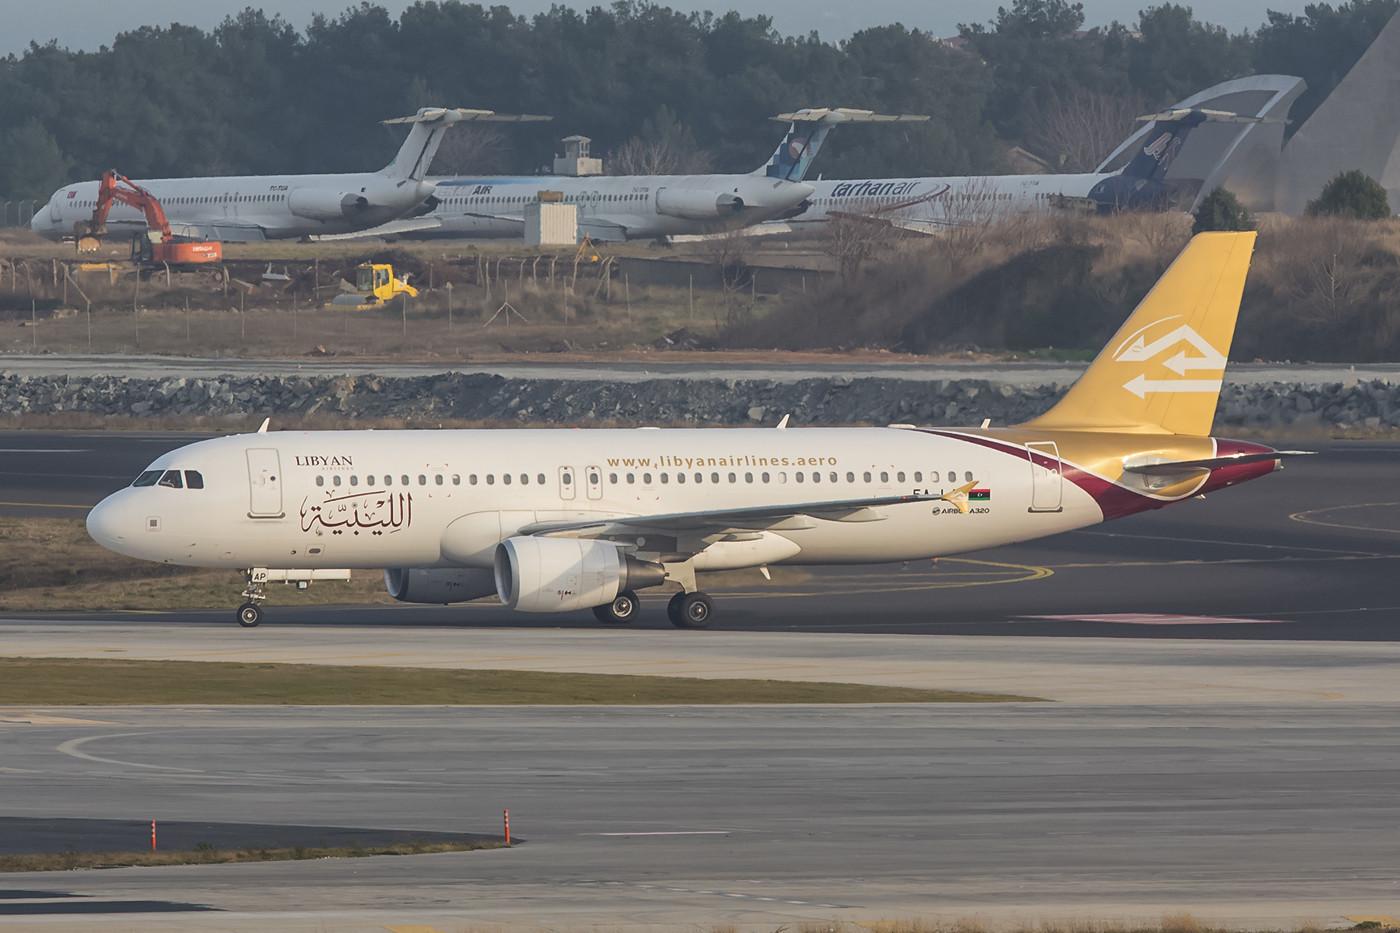 Die A320-Flotte wurde bei Libyan Arab komplett erneuert, da die alten Maschinen, die einst bei Ansett Australia flogen noch eine Dreimann-Crew benötigten.